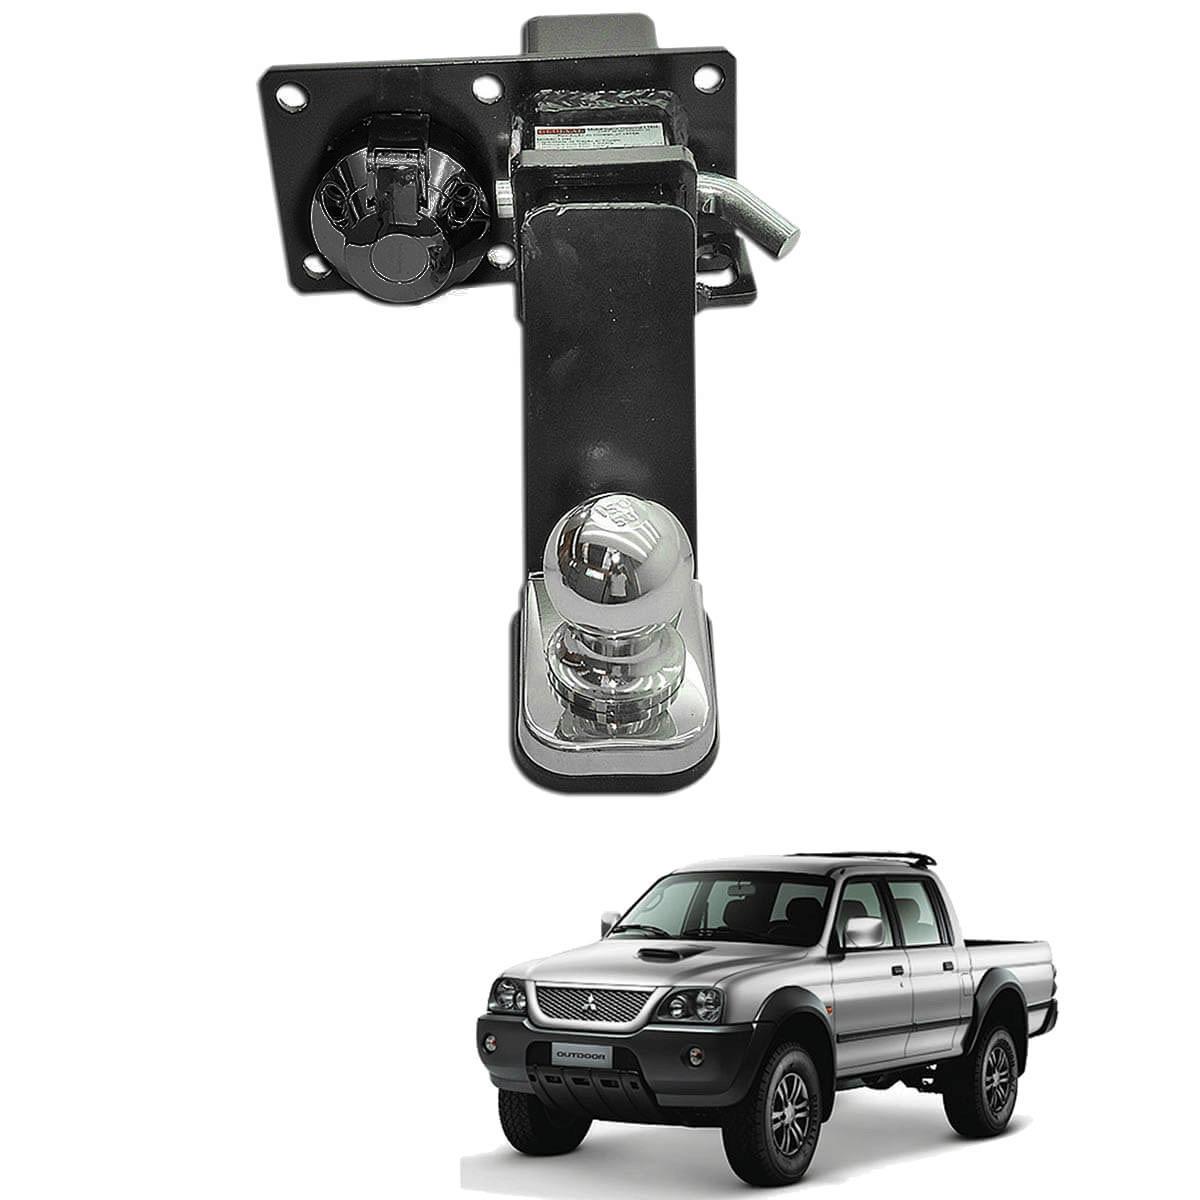 Engate de reboque removível Gedeval L200 Sport 2004 a 2007 ou L200 Outdoor 2007 a 2012